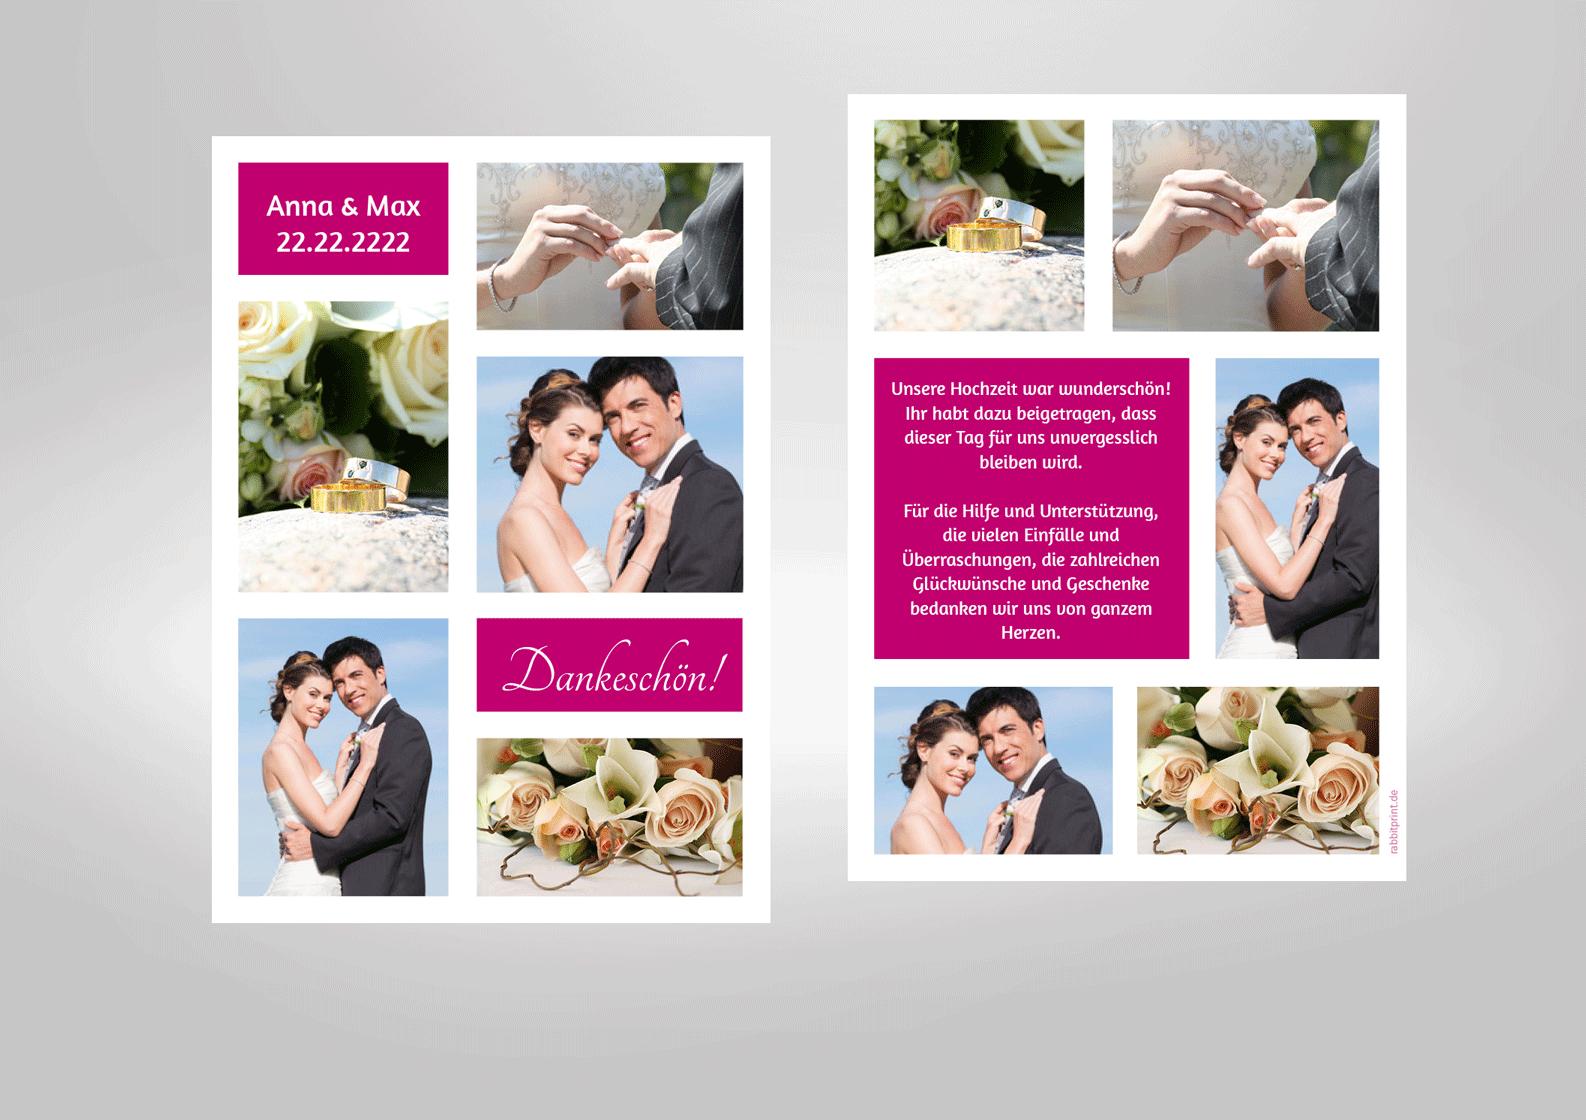 Dankkarte zur Hochzeit mit vielen Fotos, pink